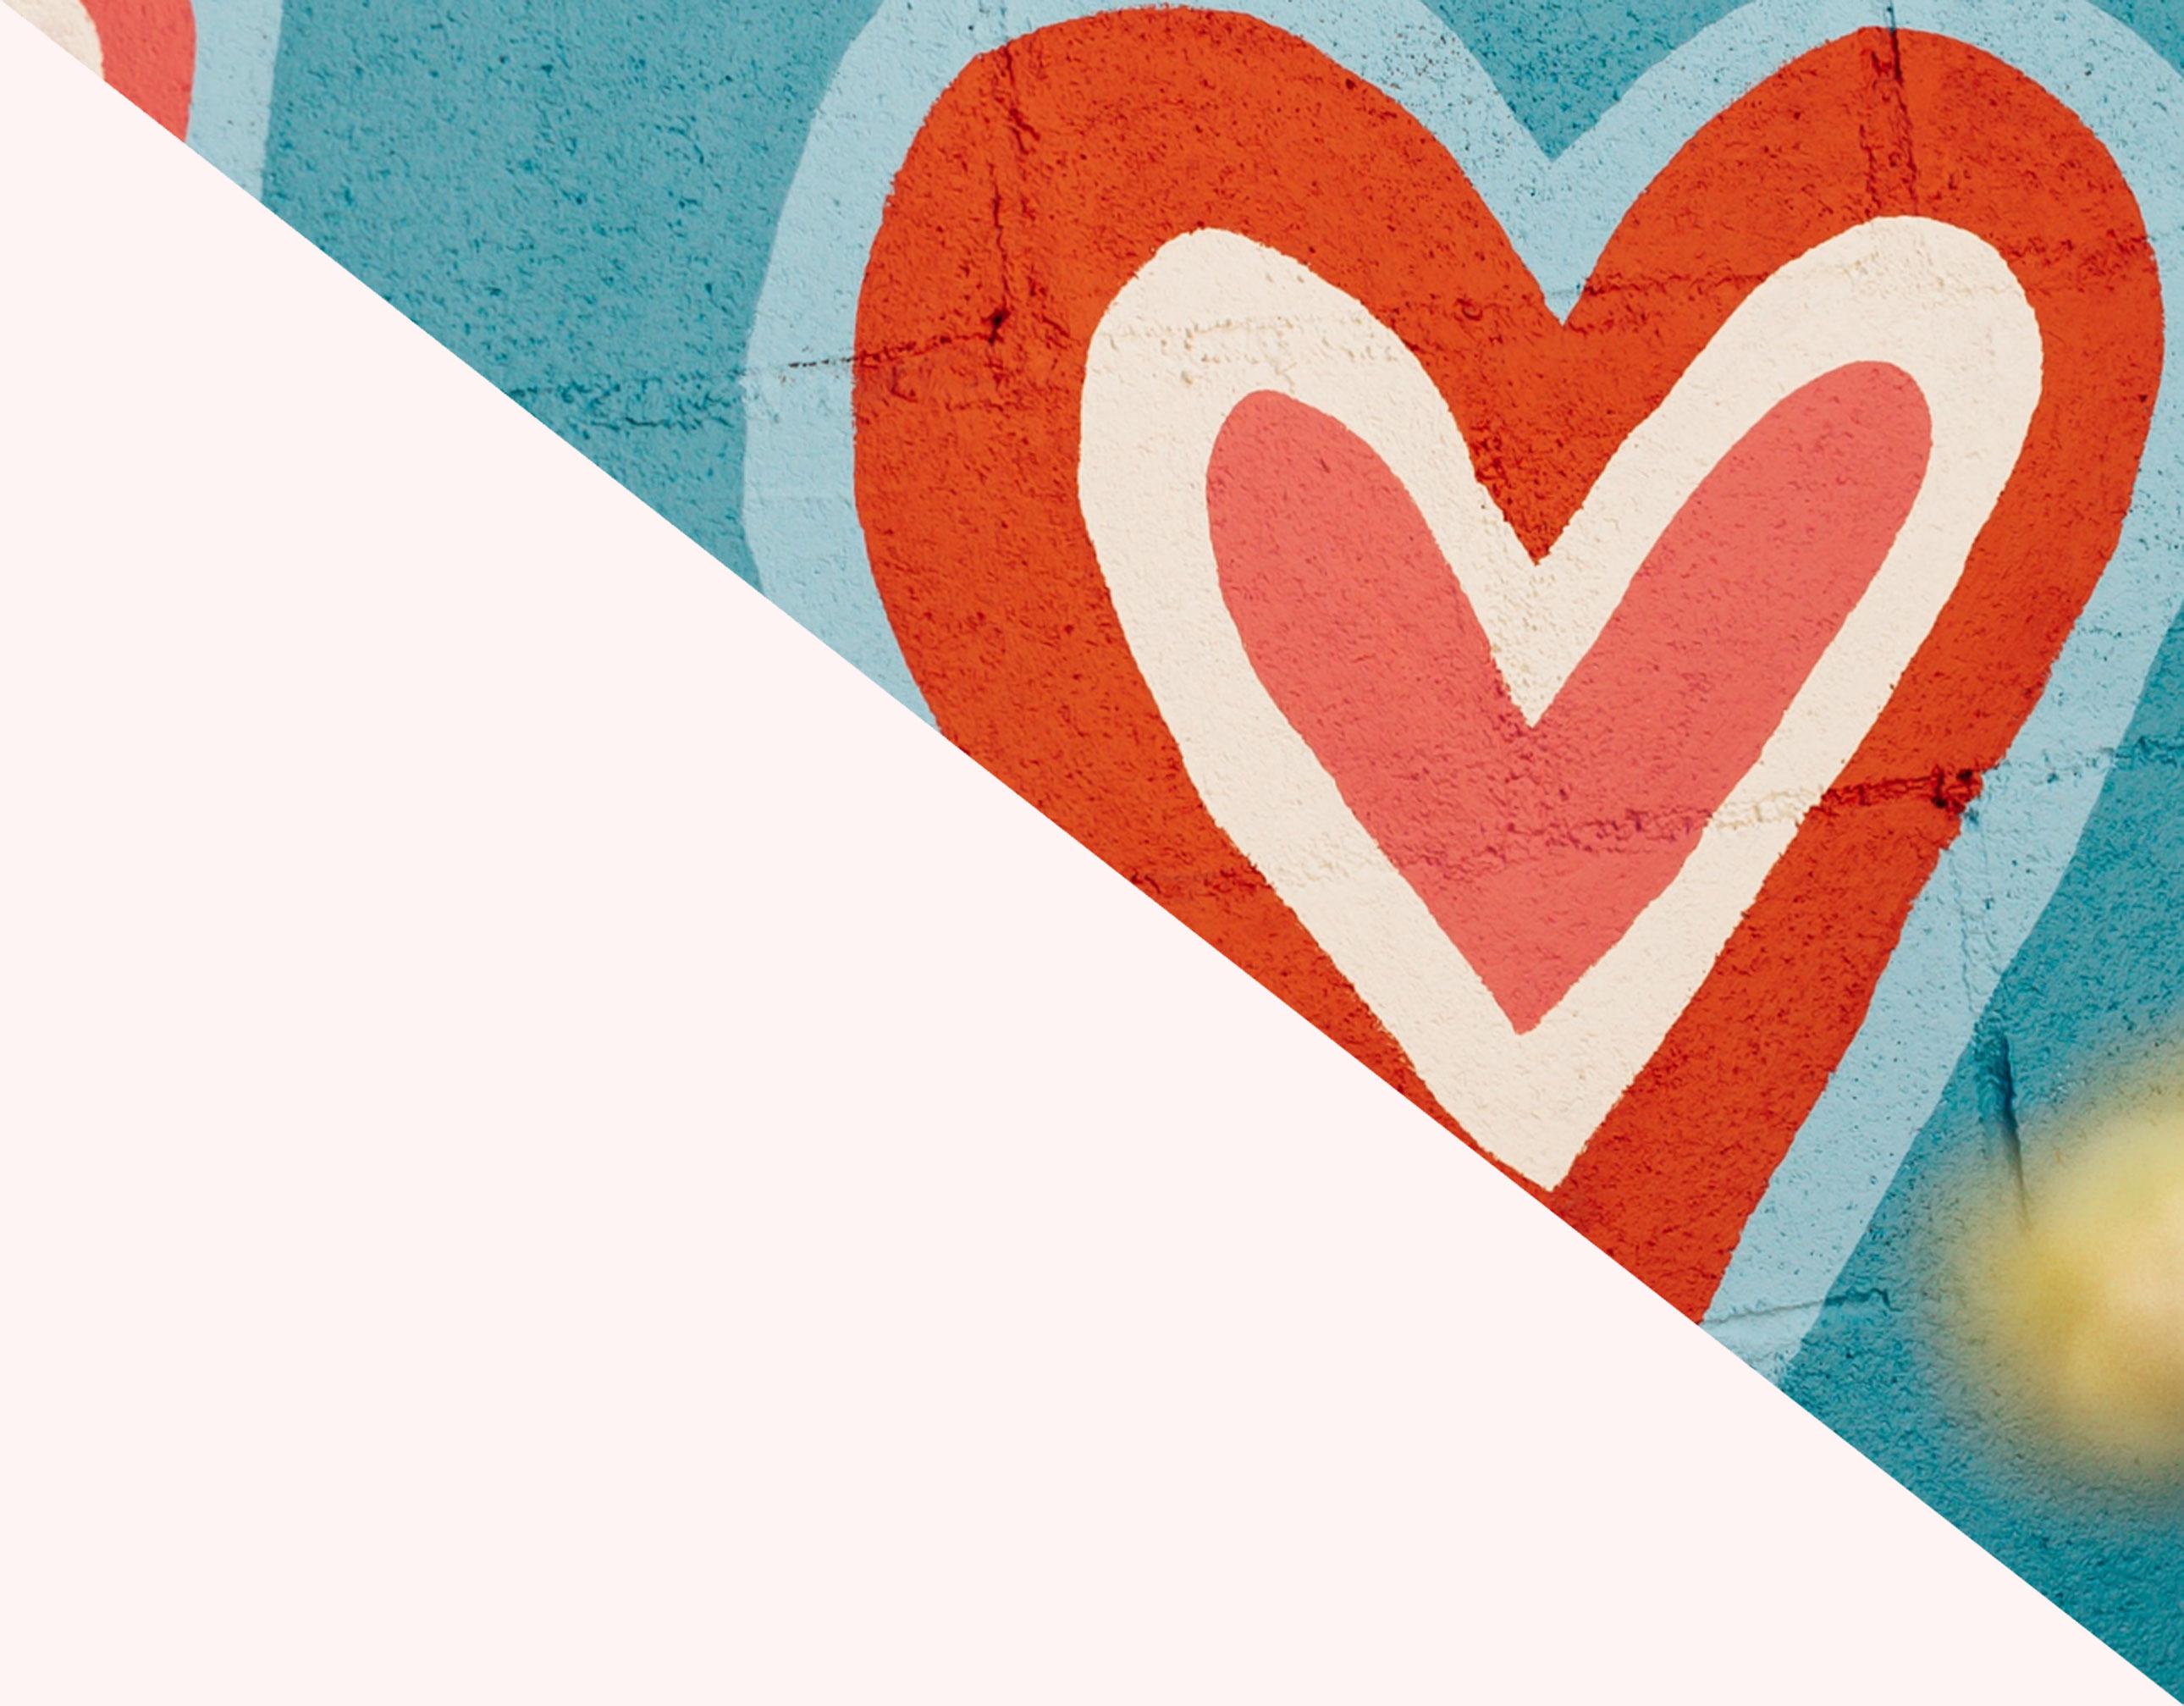 De gebroken hart verzekering